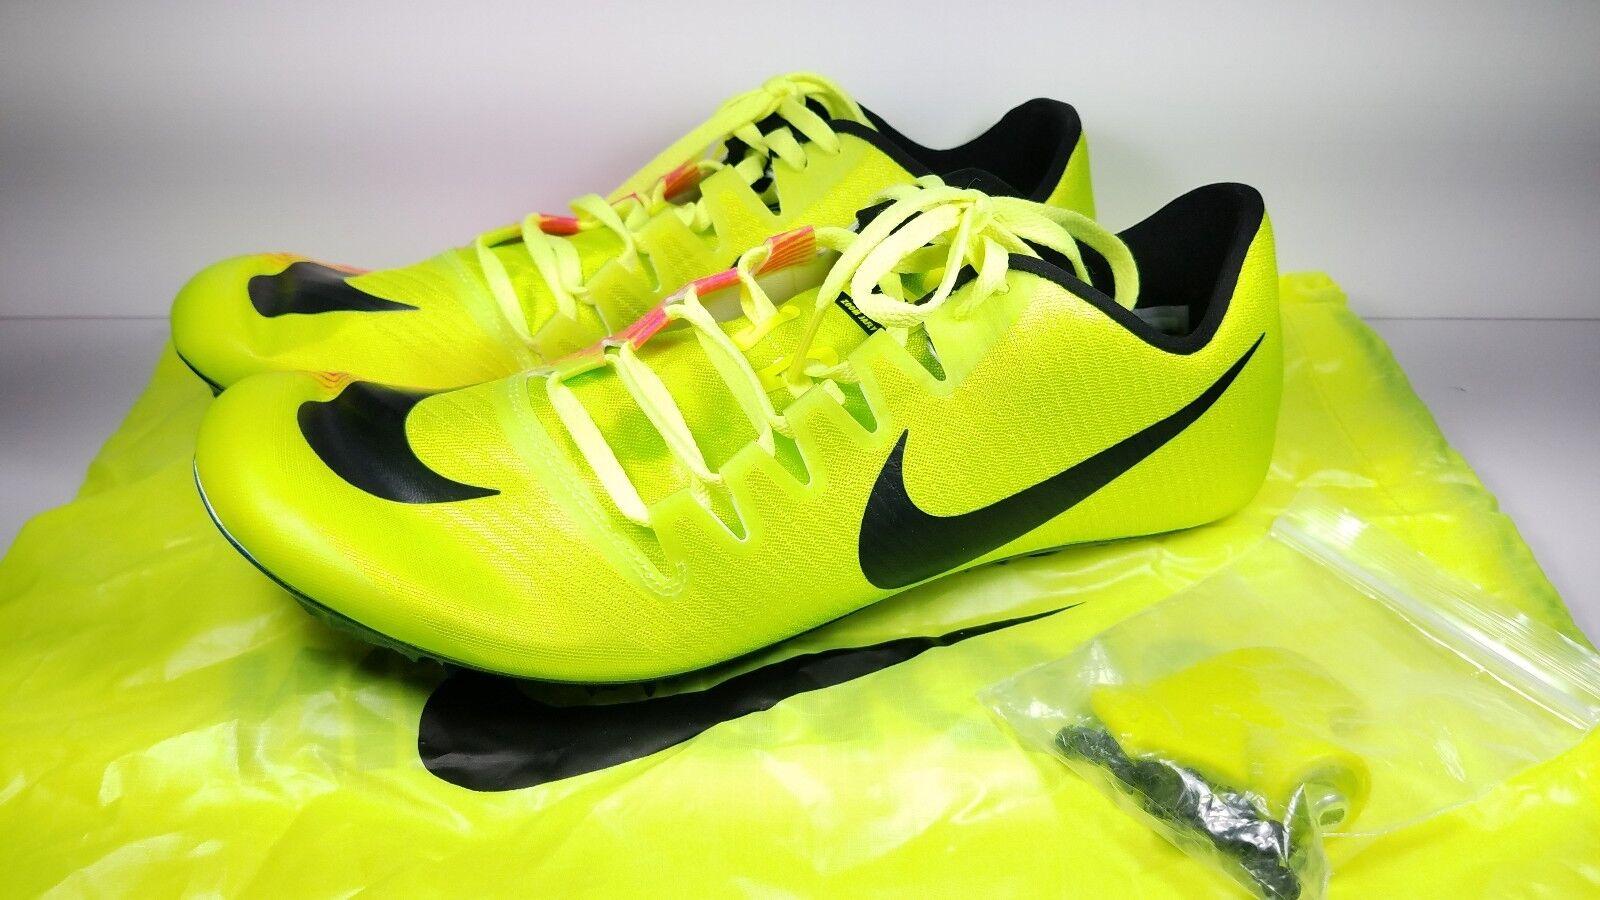 Nike Dimensioni 11,5 Correndo Spuntoni Zoom Ja Volare 3 (Rio 882032-999 Volt 882032-999 (Rio Rosa Nero b714a2